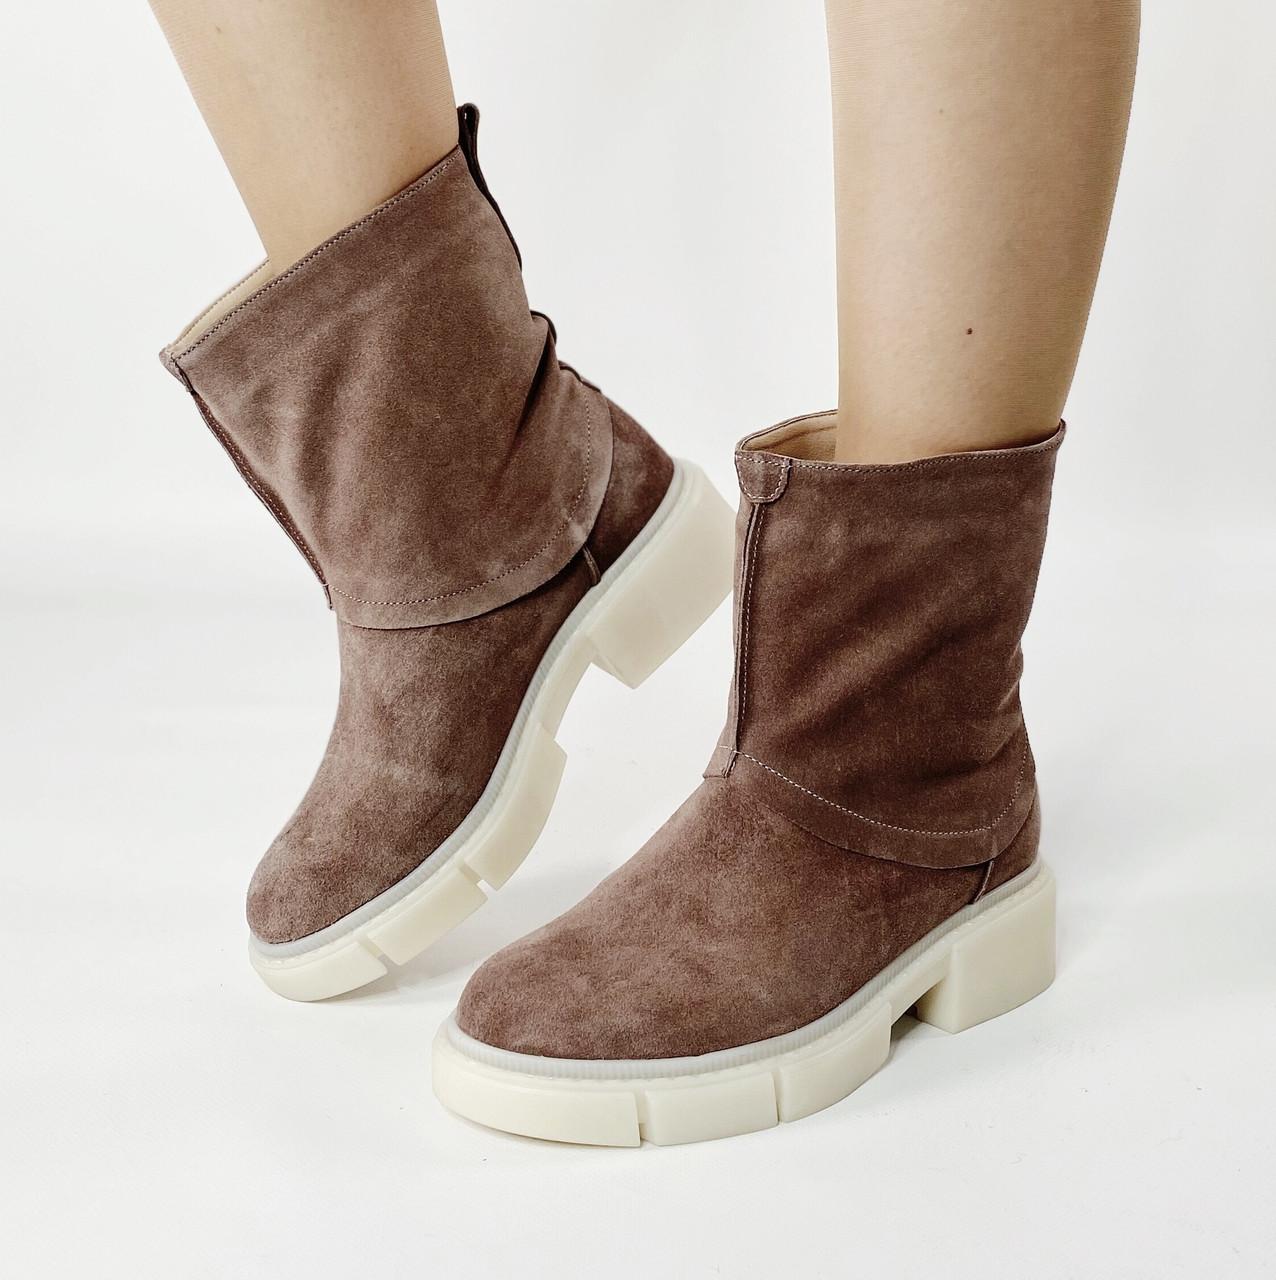 Ботинки стильные женские замшевые цвета кофе без застежки MORENTO зимние